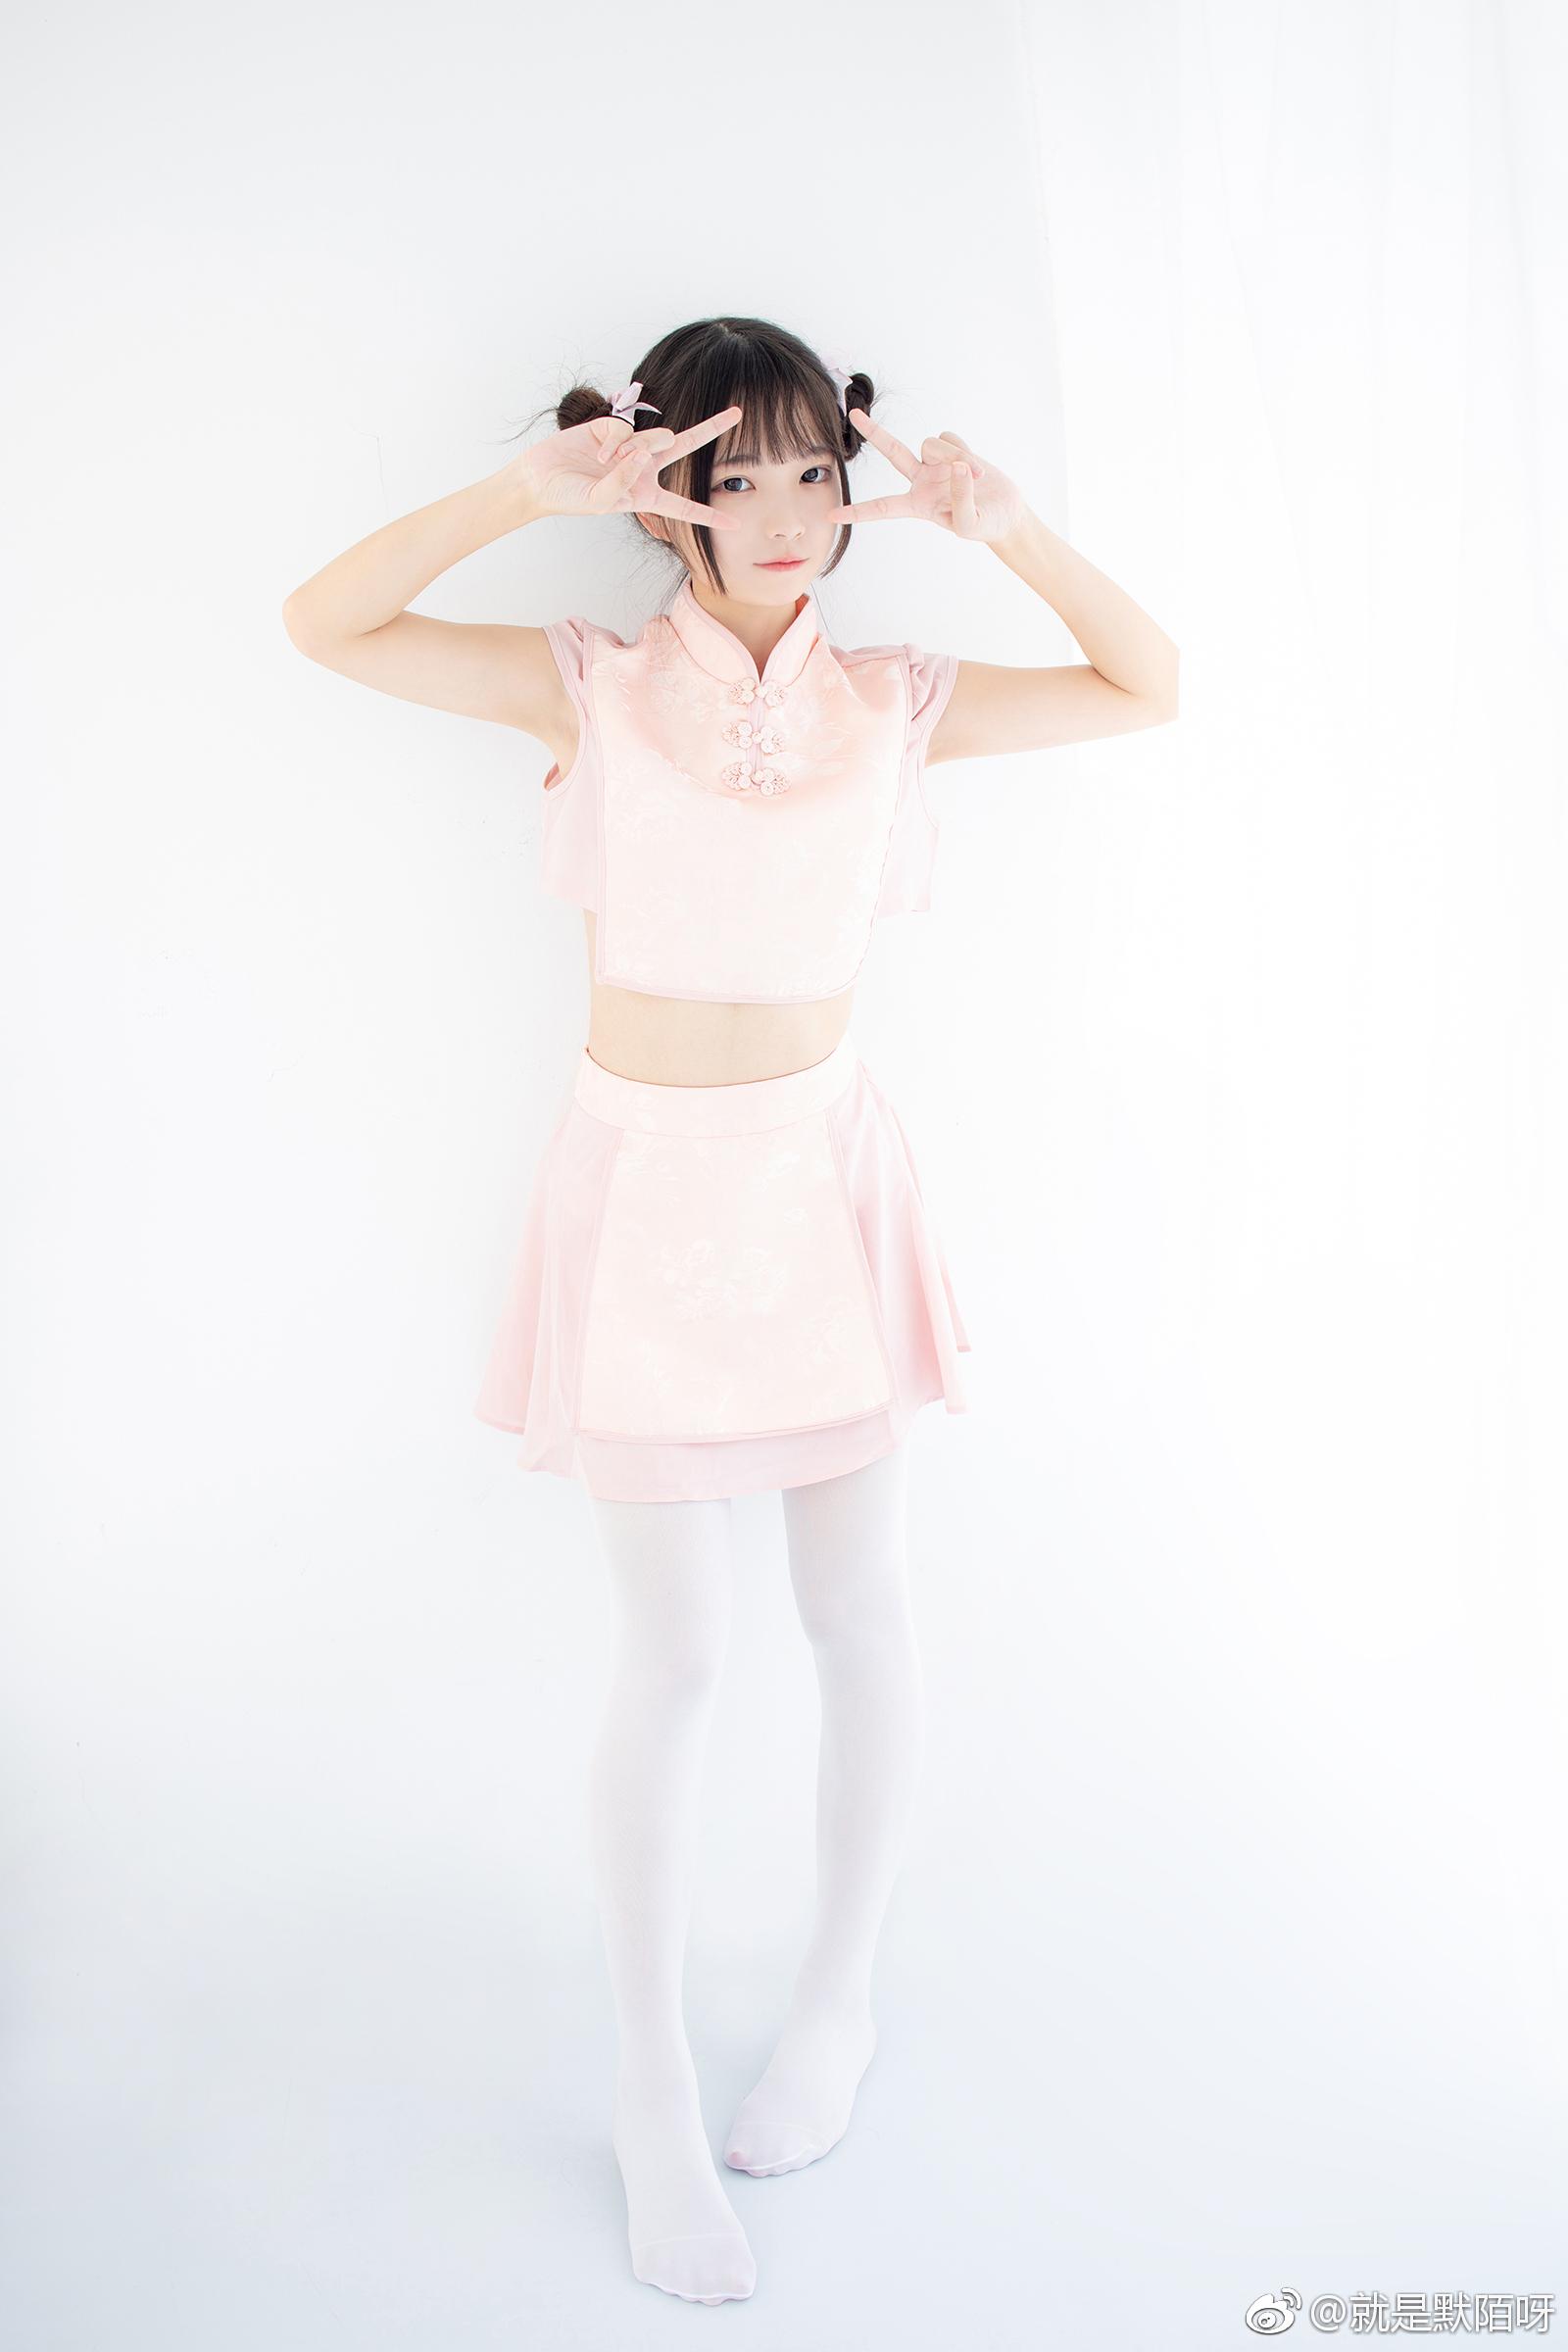 森萝财团X-052写真预览,丸子头妹子好可爱 美女写真-第1张